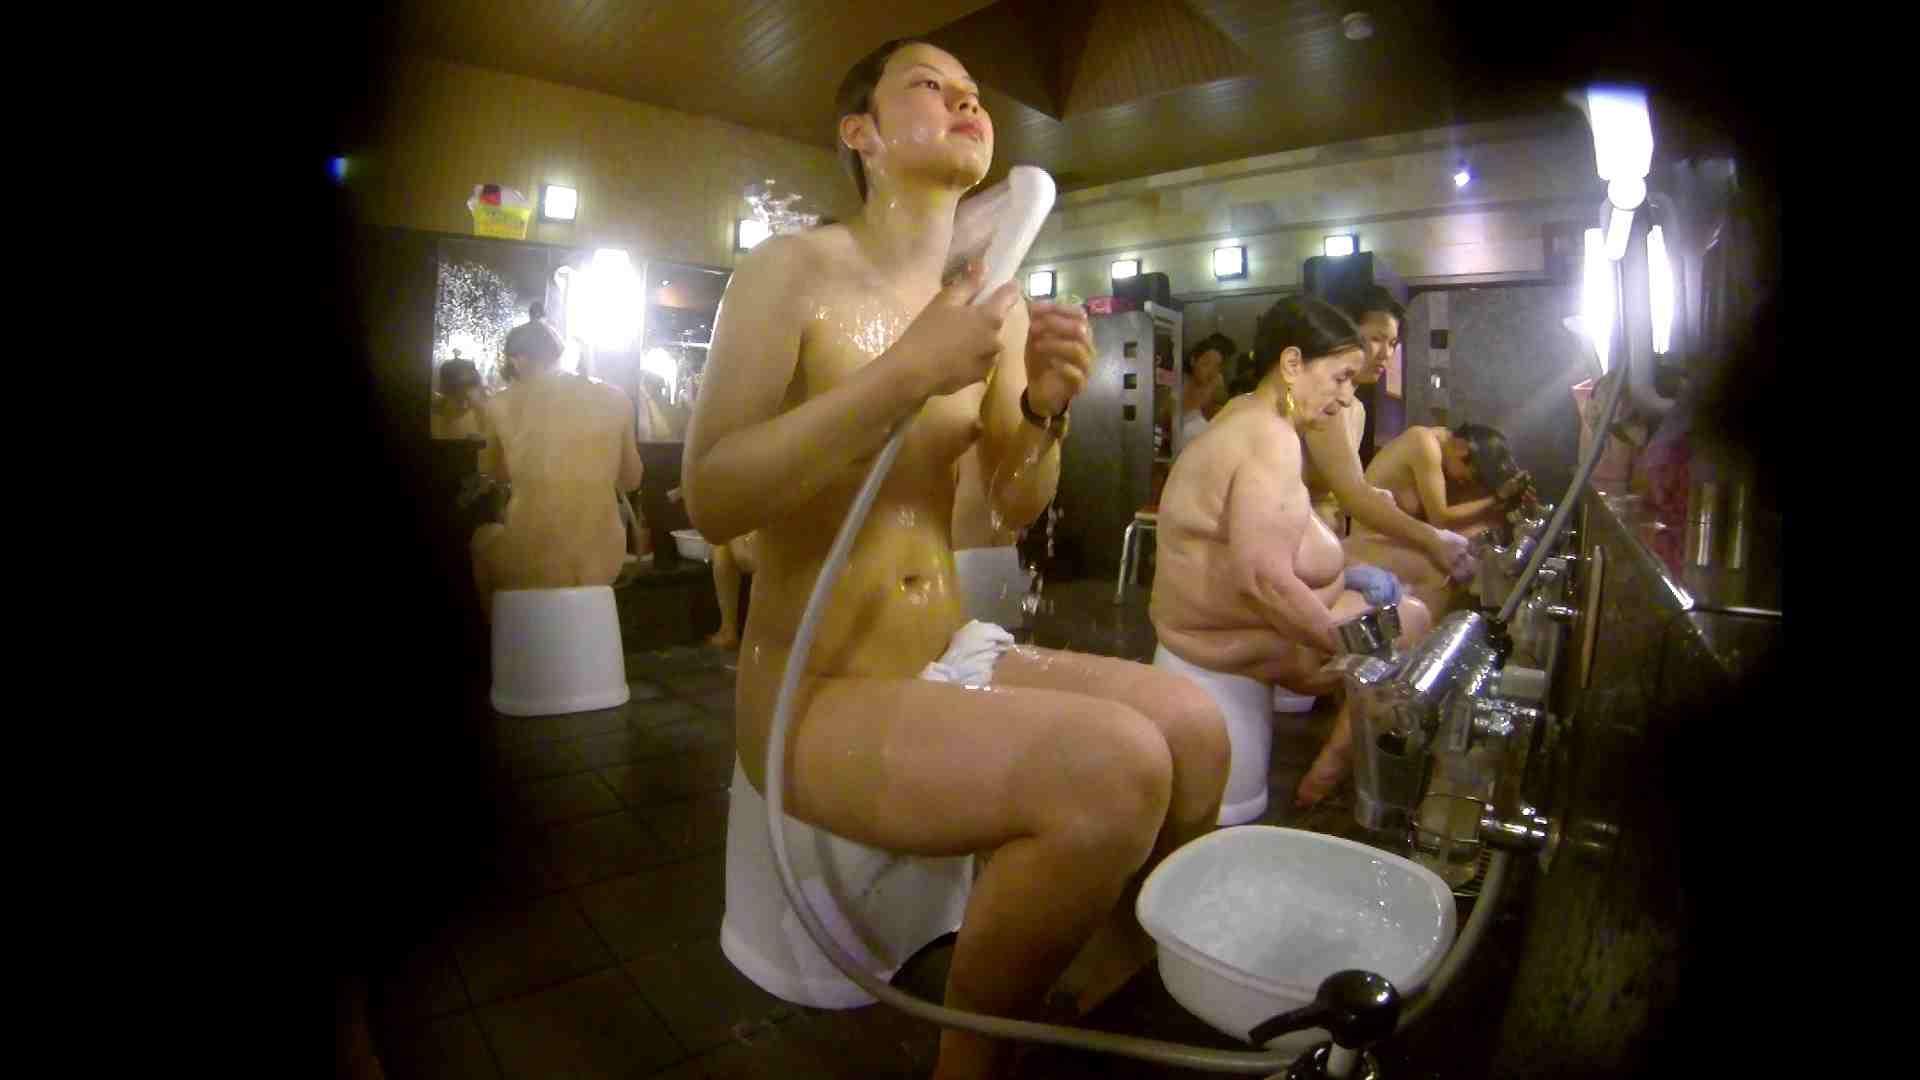 追い撮り!脱衣~洗い場、徹底追跡!撮り師さんに拍手!! 美乳 ワレメ動画紹介 95画像 39